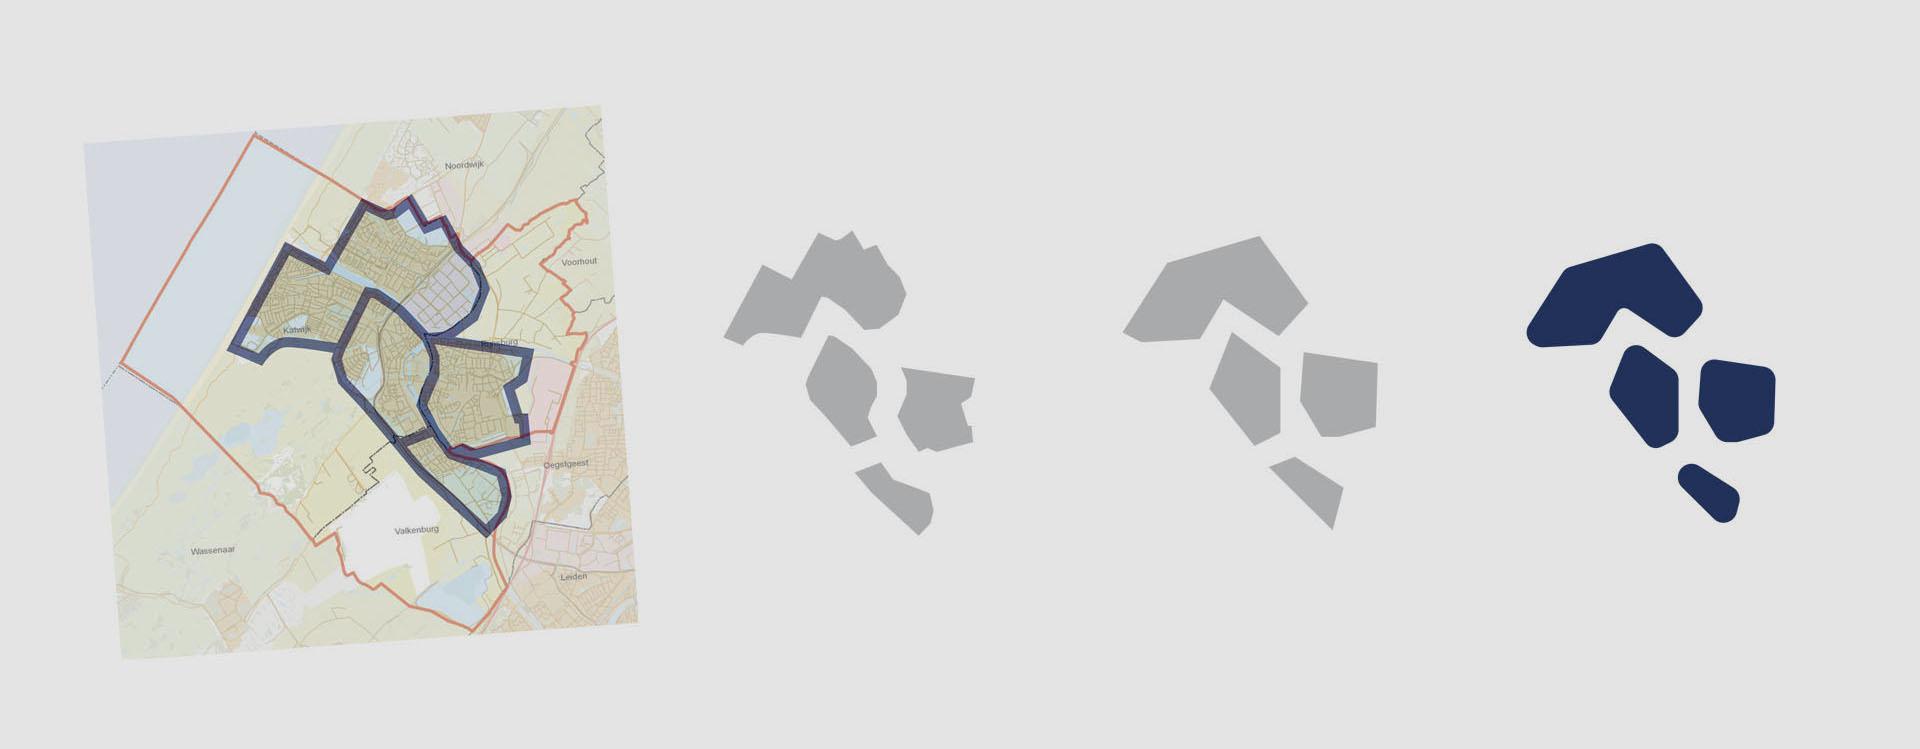 Katwijk-geo-2